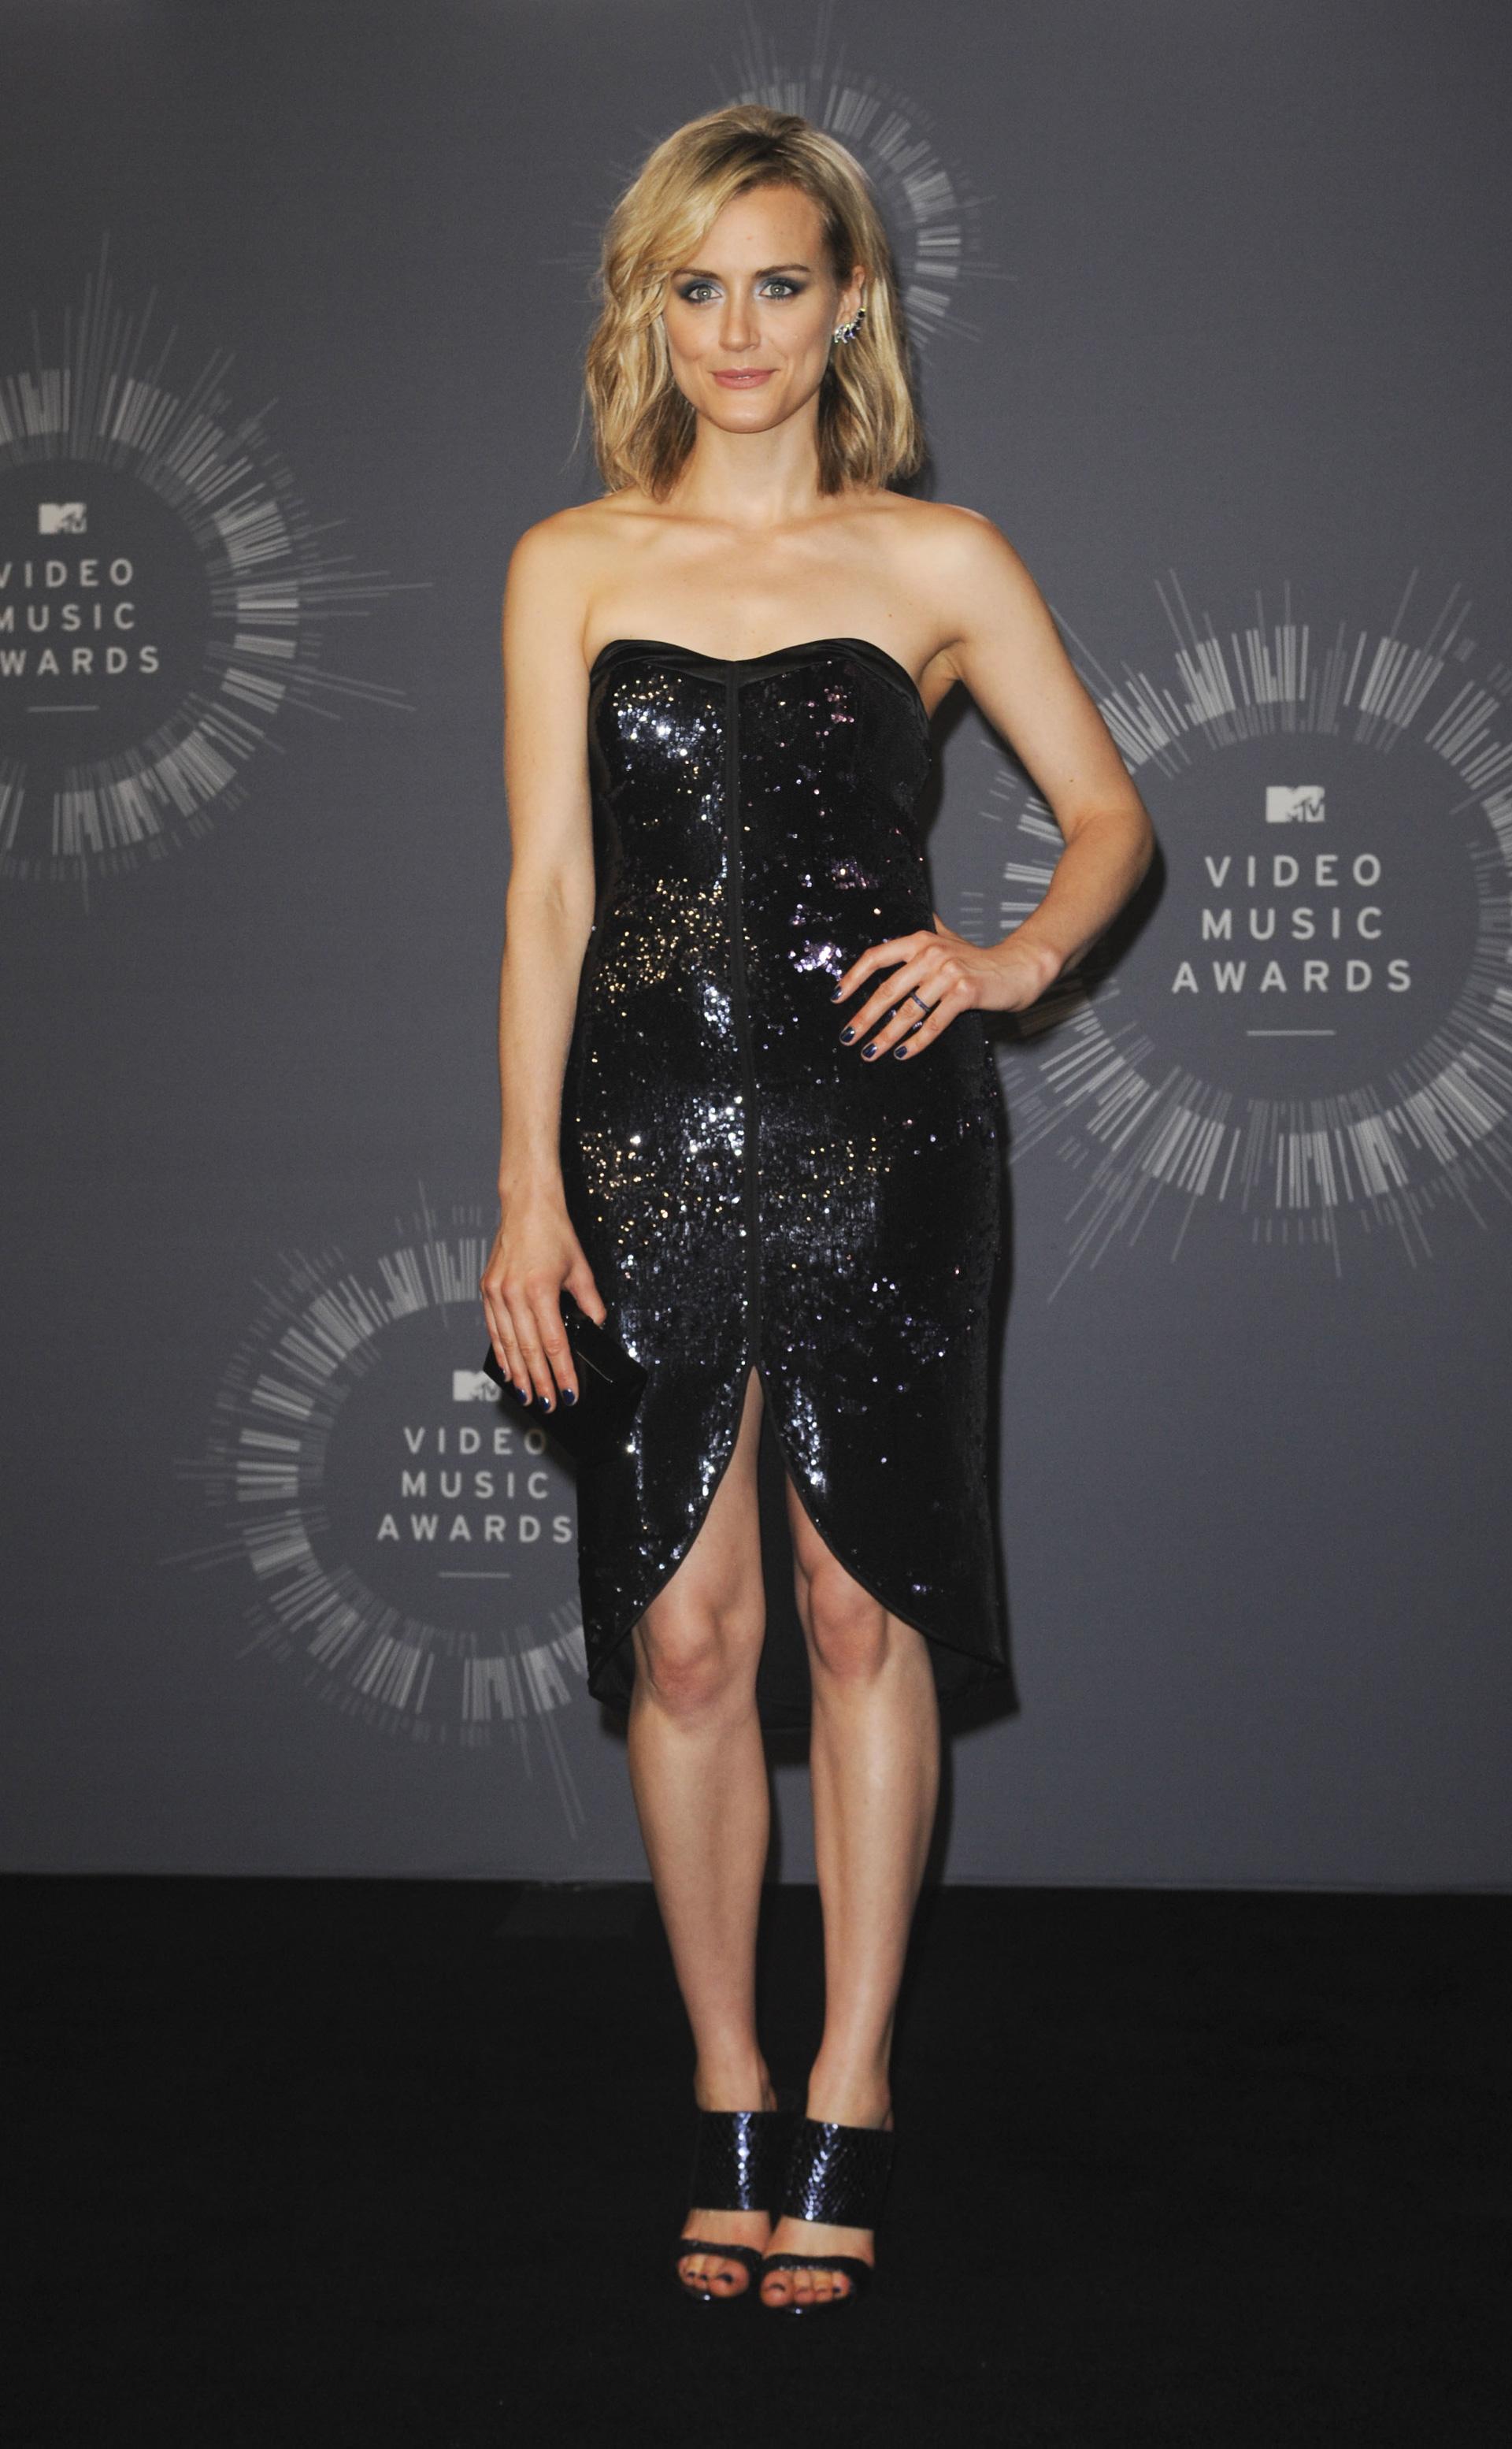 VMA: Taylor Schilling